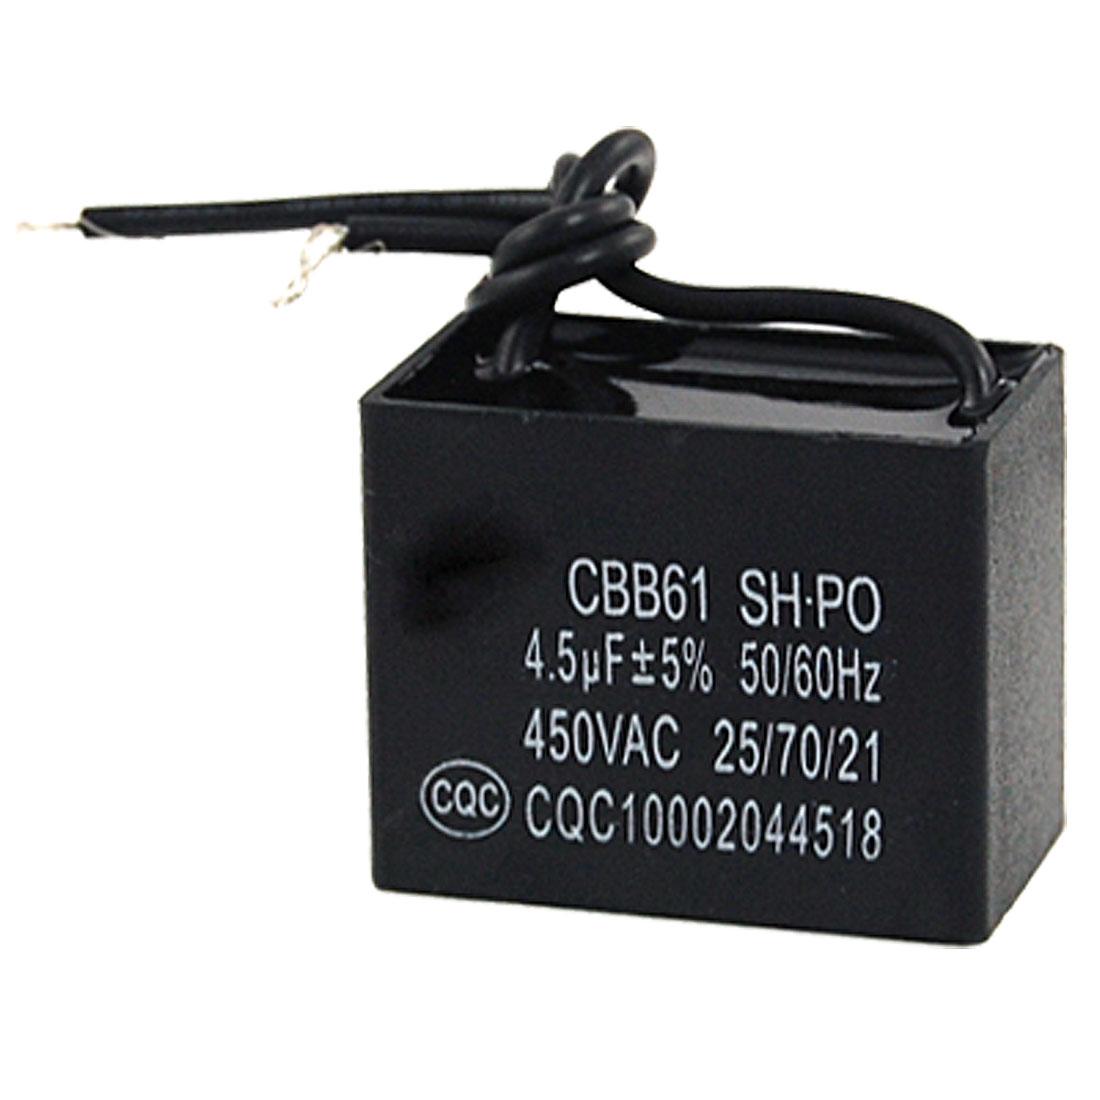 CBB61 4.5UF 5% 450V AC Motor Run Capacitor